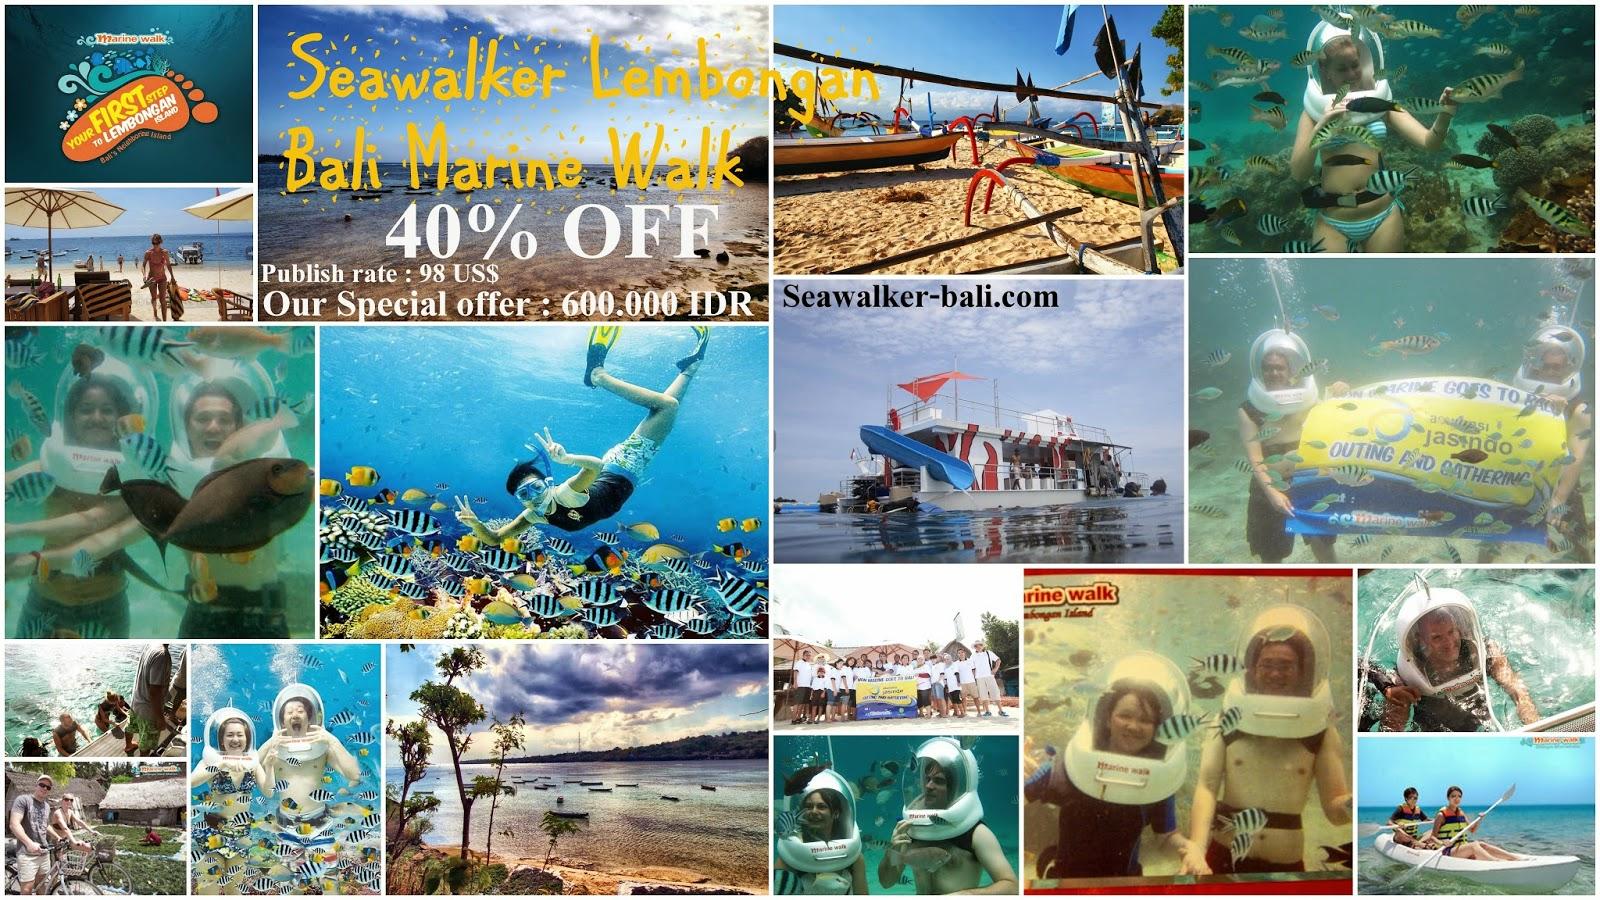 Paket Murah Sea Walker Nusa Lembongan Bali Marine Walk Disc 35 Liburan Di Lembungan Dan Tour Ke Penida Yg Eksotik 2 Hari 1 Malam Bayangkan Berjalan Dasar Laut Mengagumi Keindahan Taman Karang Warna Warni Bermain Dengan Ikan Beraneka Jenis Memberi Makan Langsung Dari